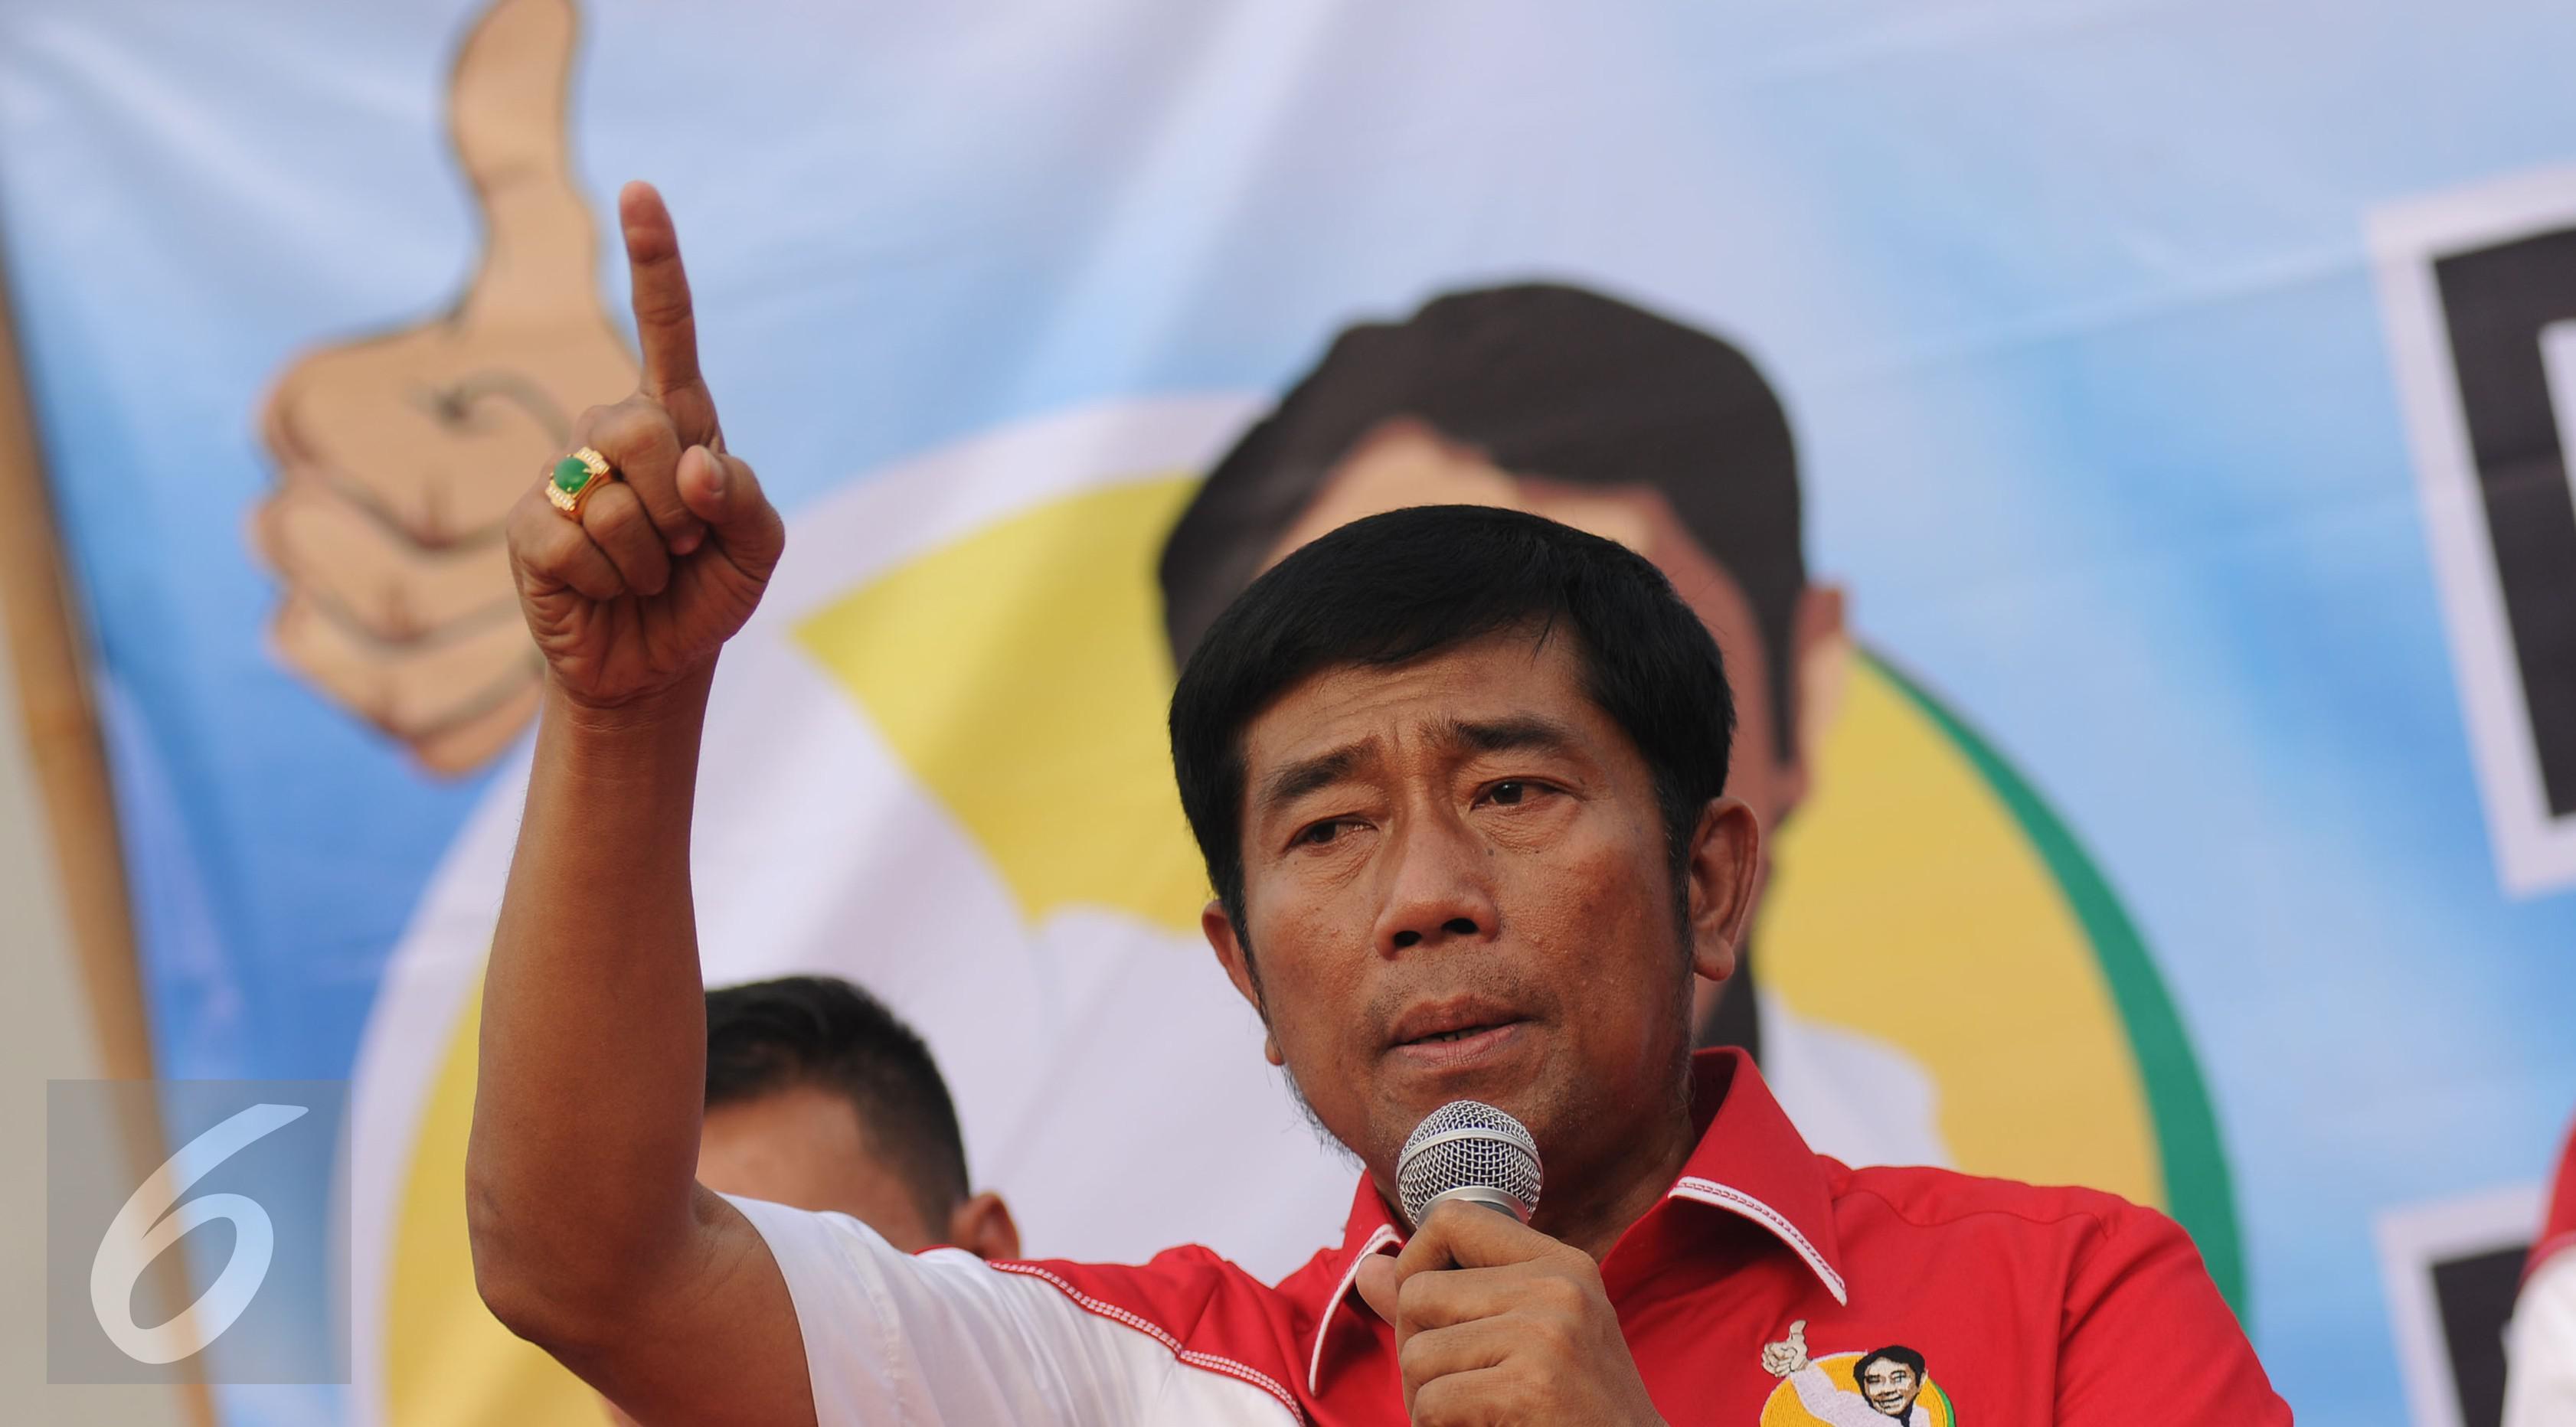 Haji Lulung akan memotong kupingnya jika Ahok berani maju dalam Pilkada DKI melalui jalur independen.(Liputan6.com/Helmi Fithriansyah)